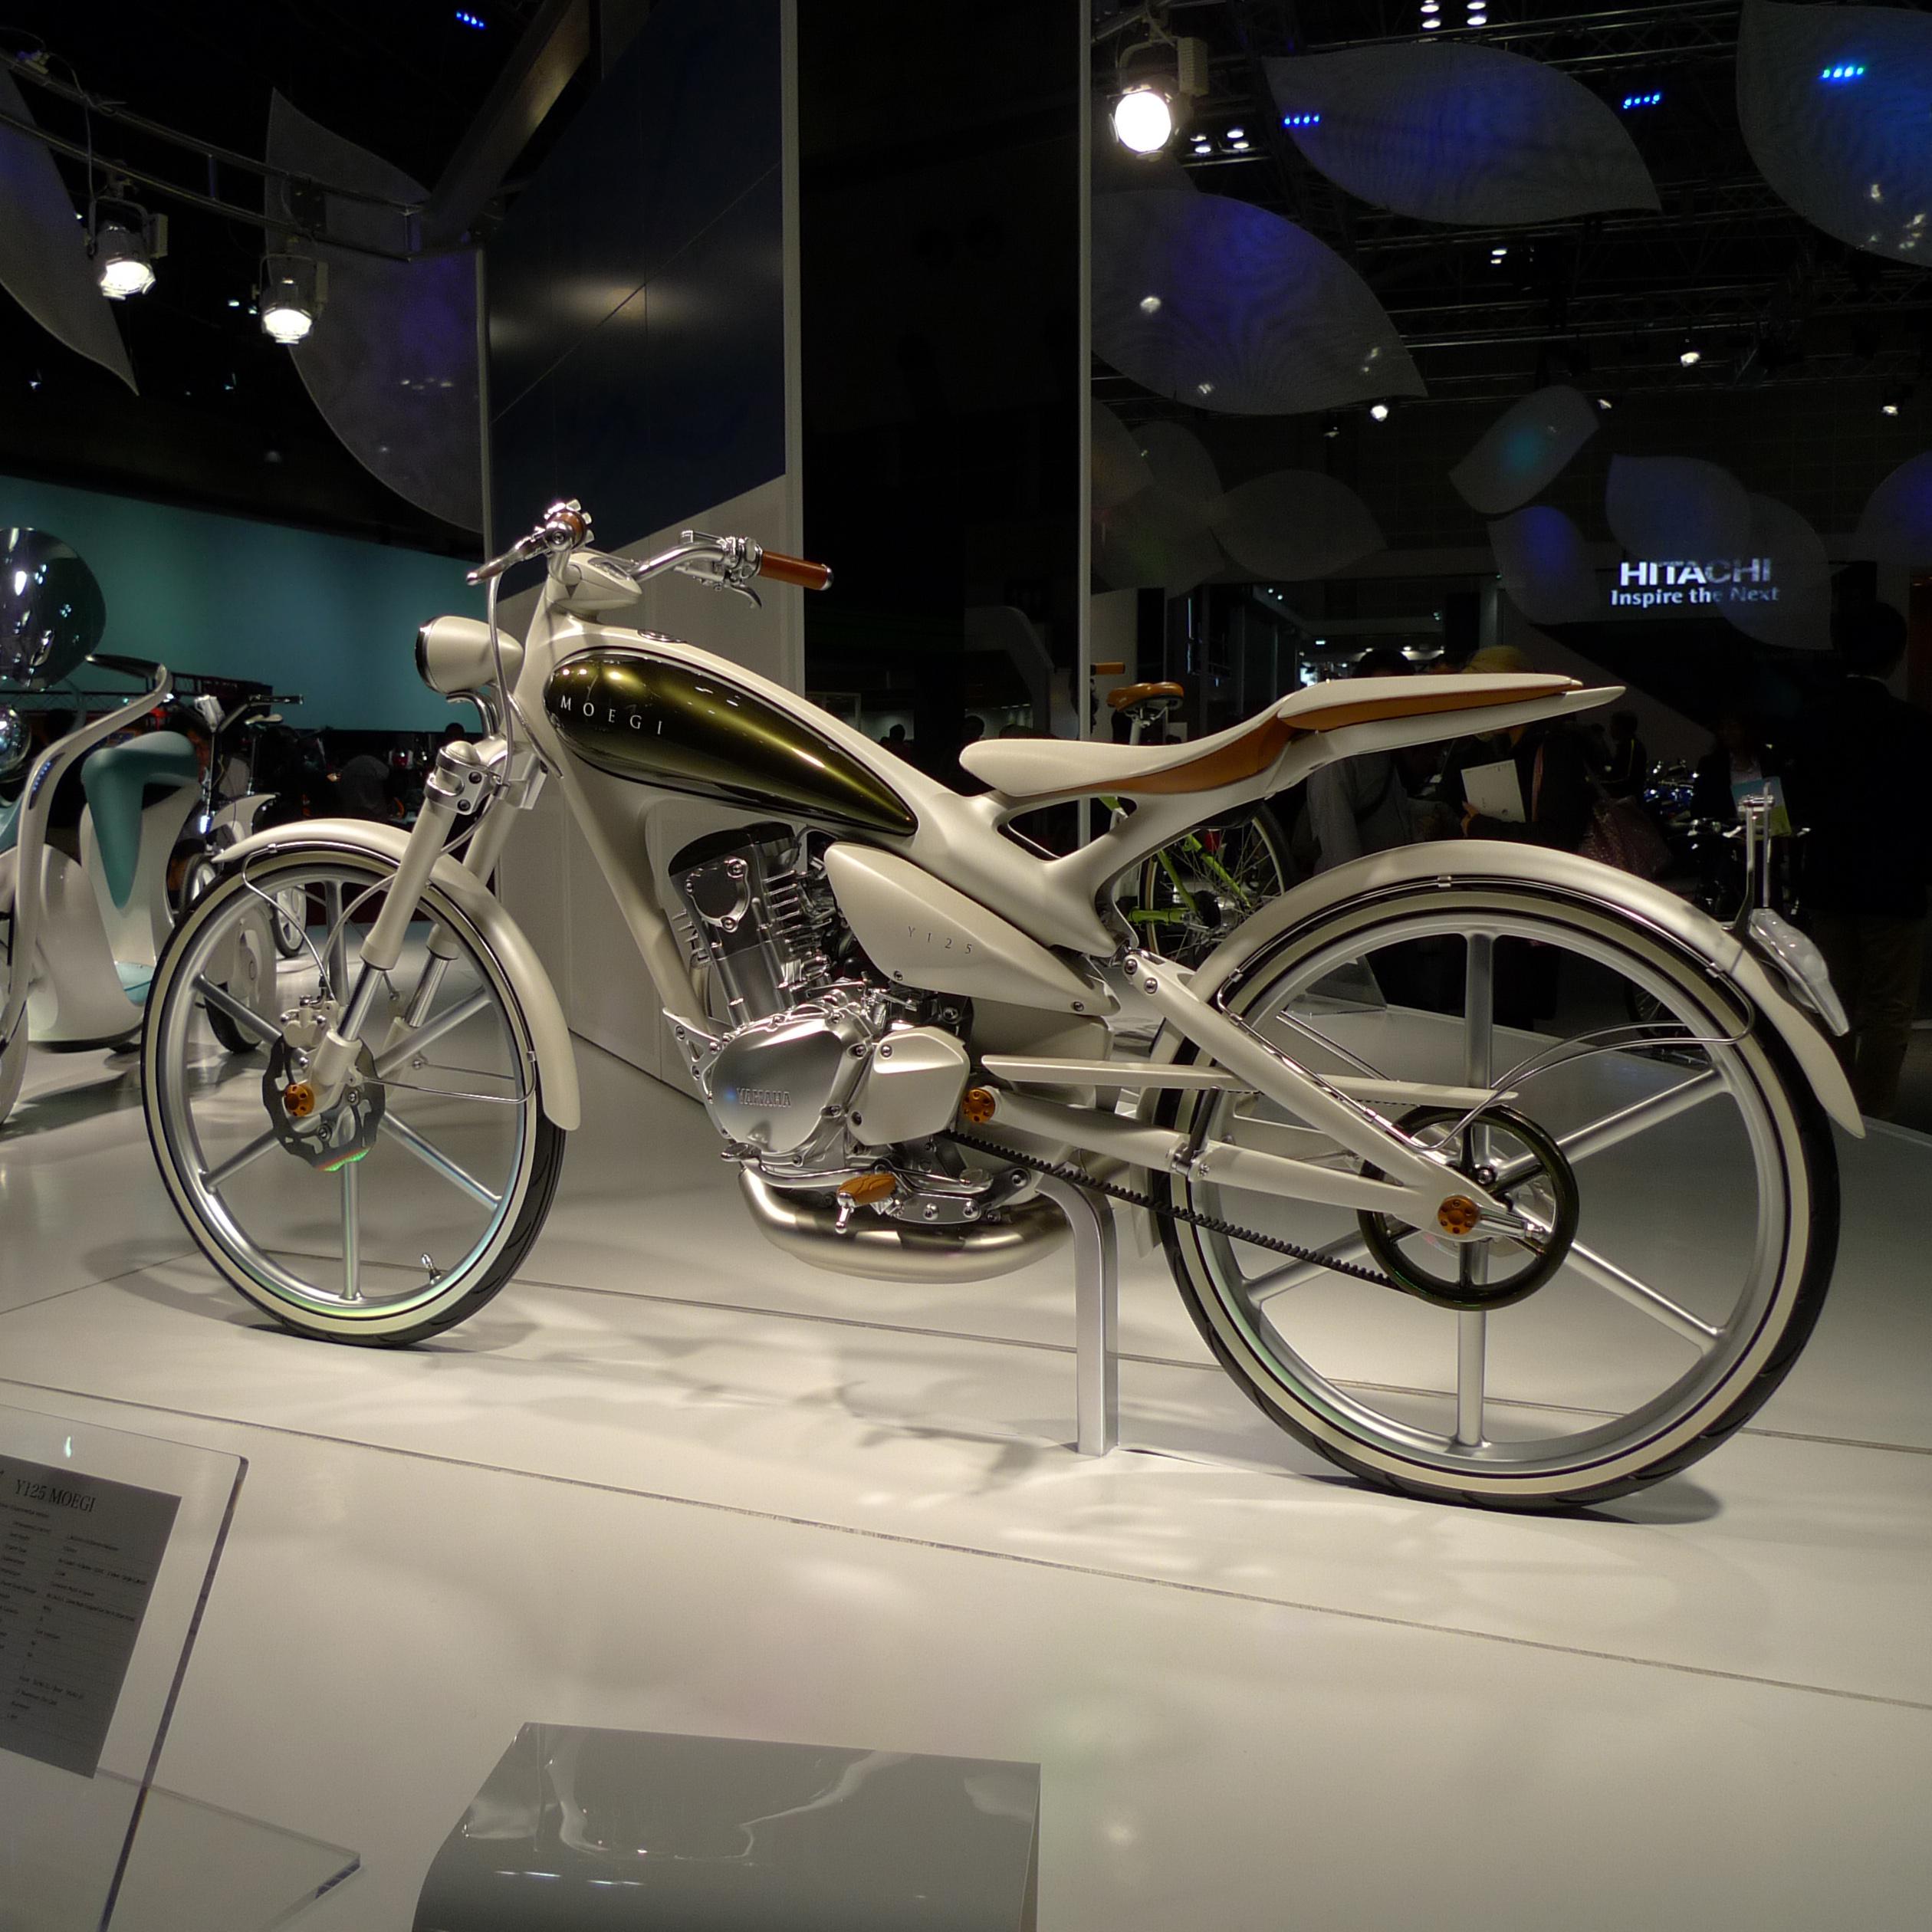 Yamaha Y125 Moegi #10